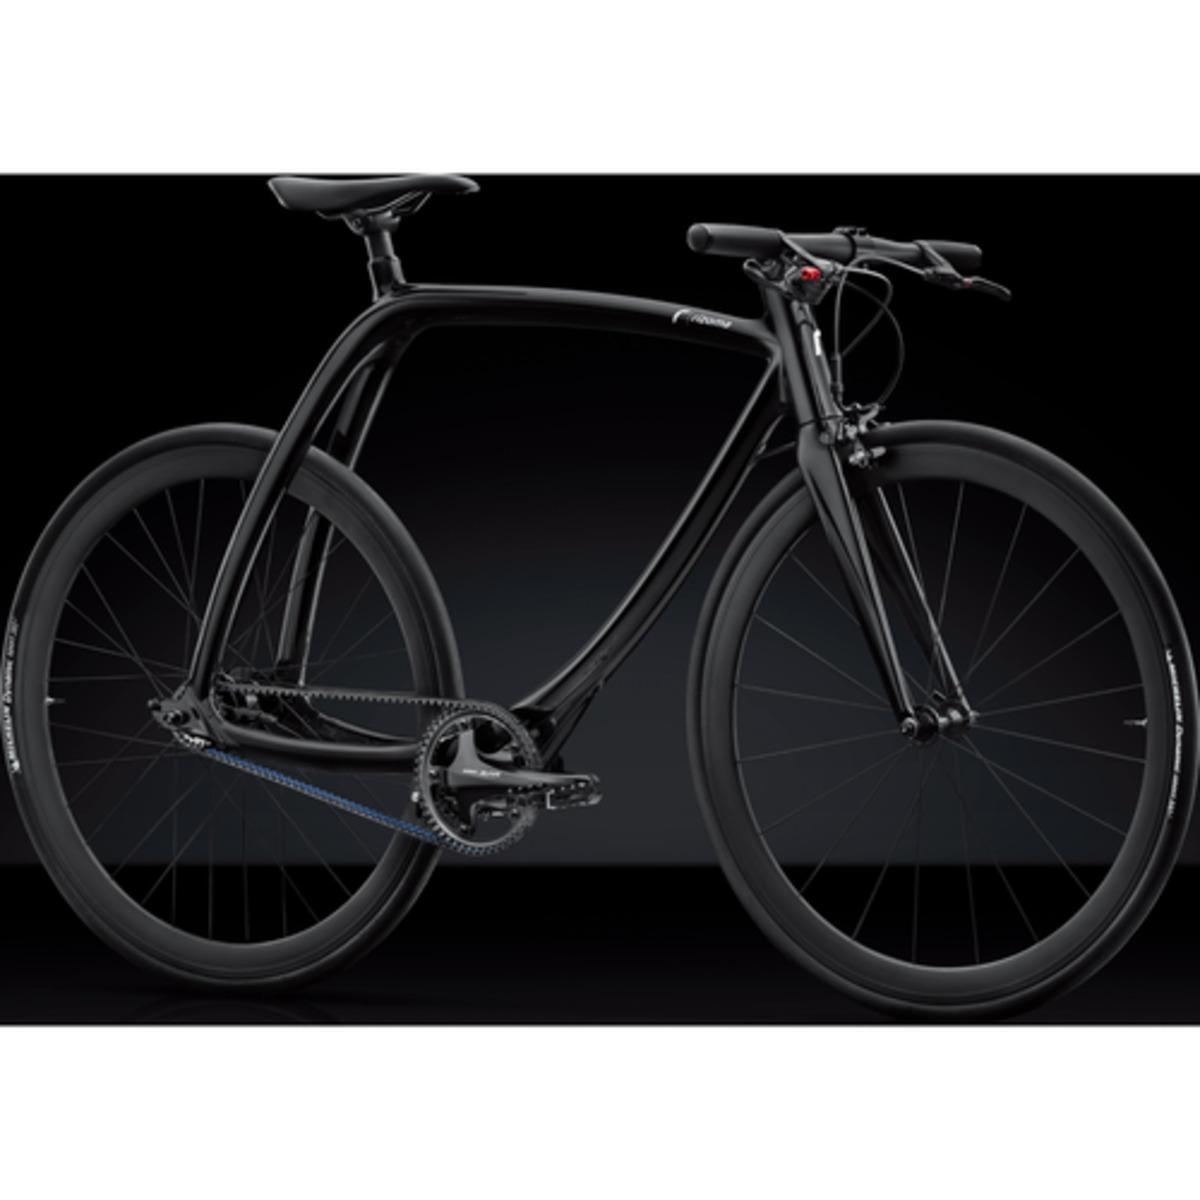 Bild 1 von Rizoma Metropolitan Bike RS77 weiß